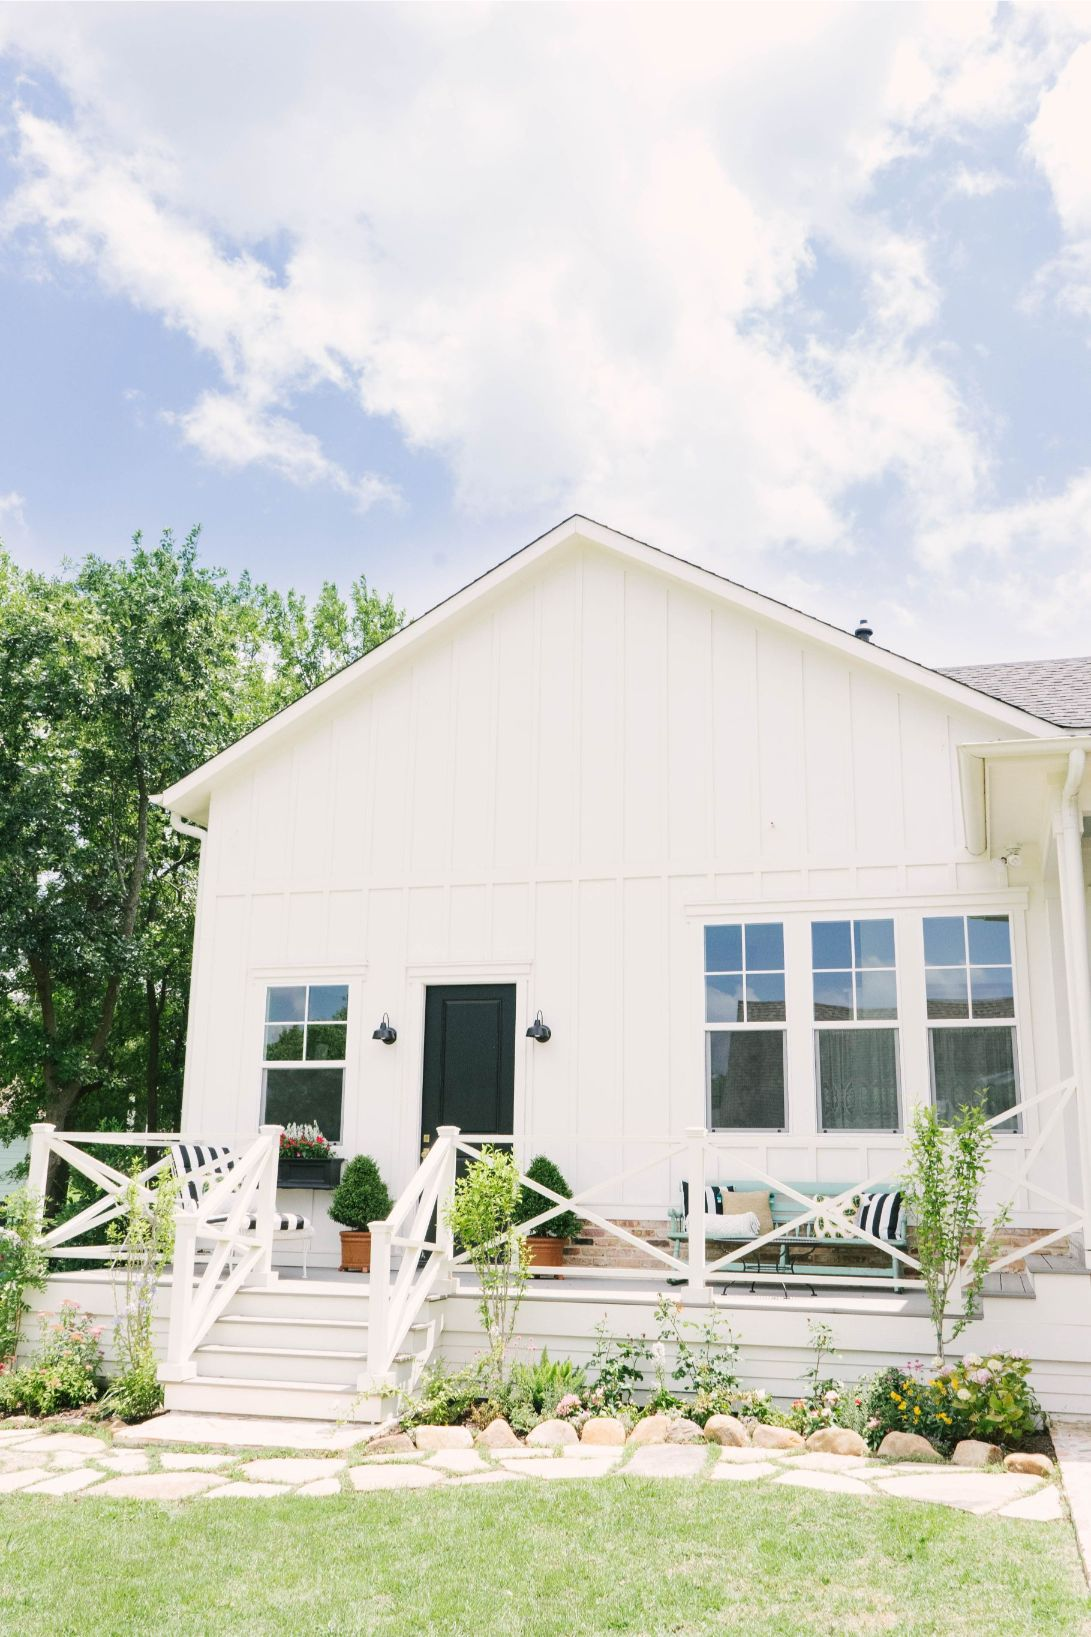 Modern Farmhouse Exterior - Sherwin Williams Dover White